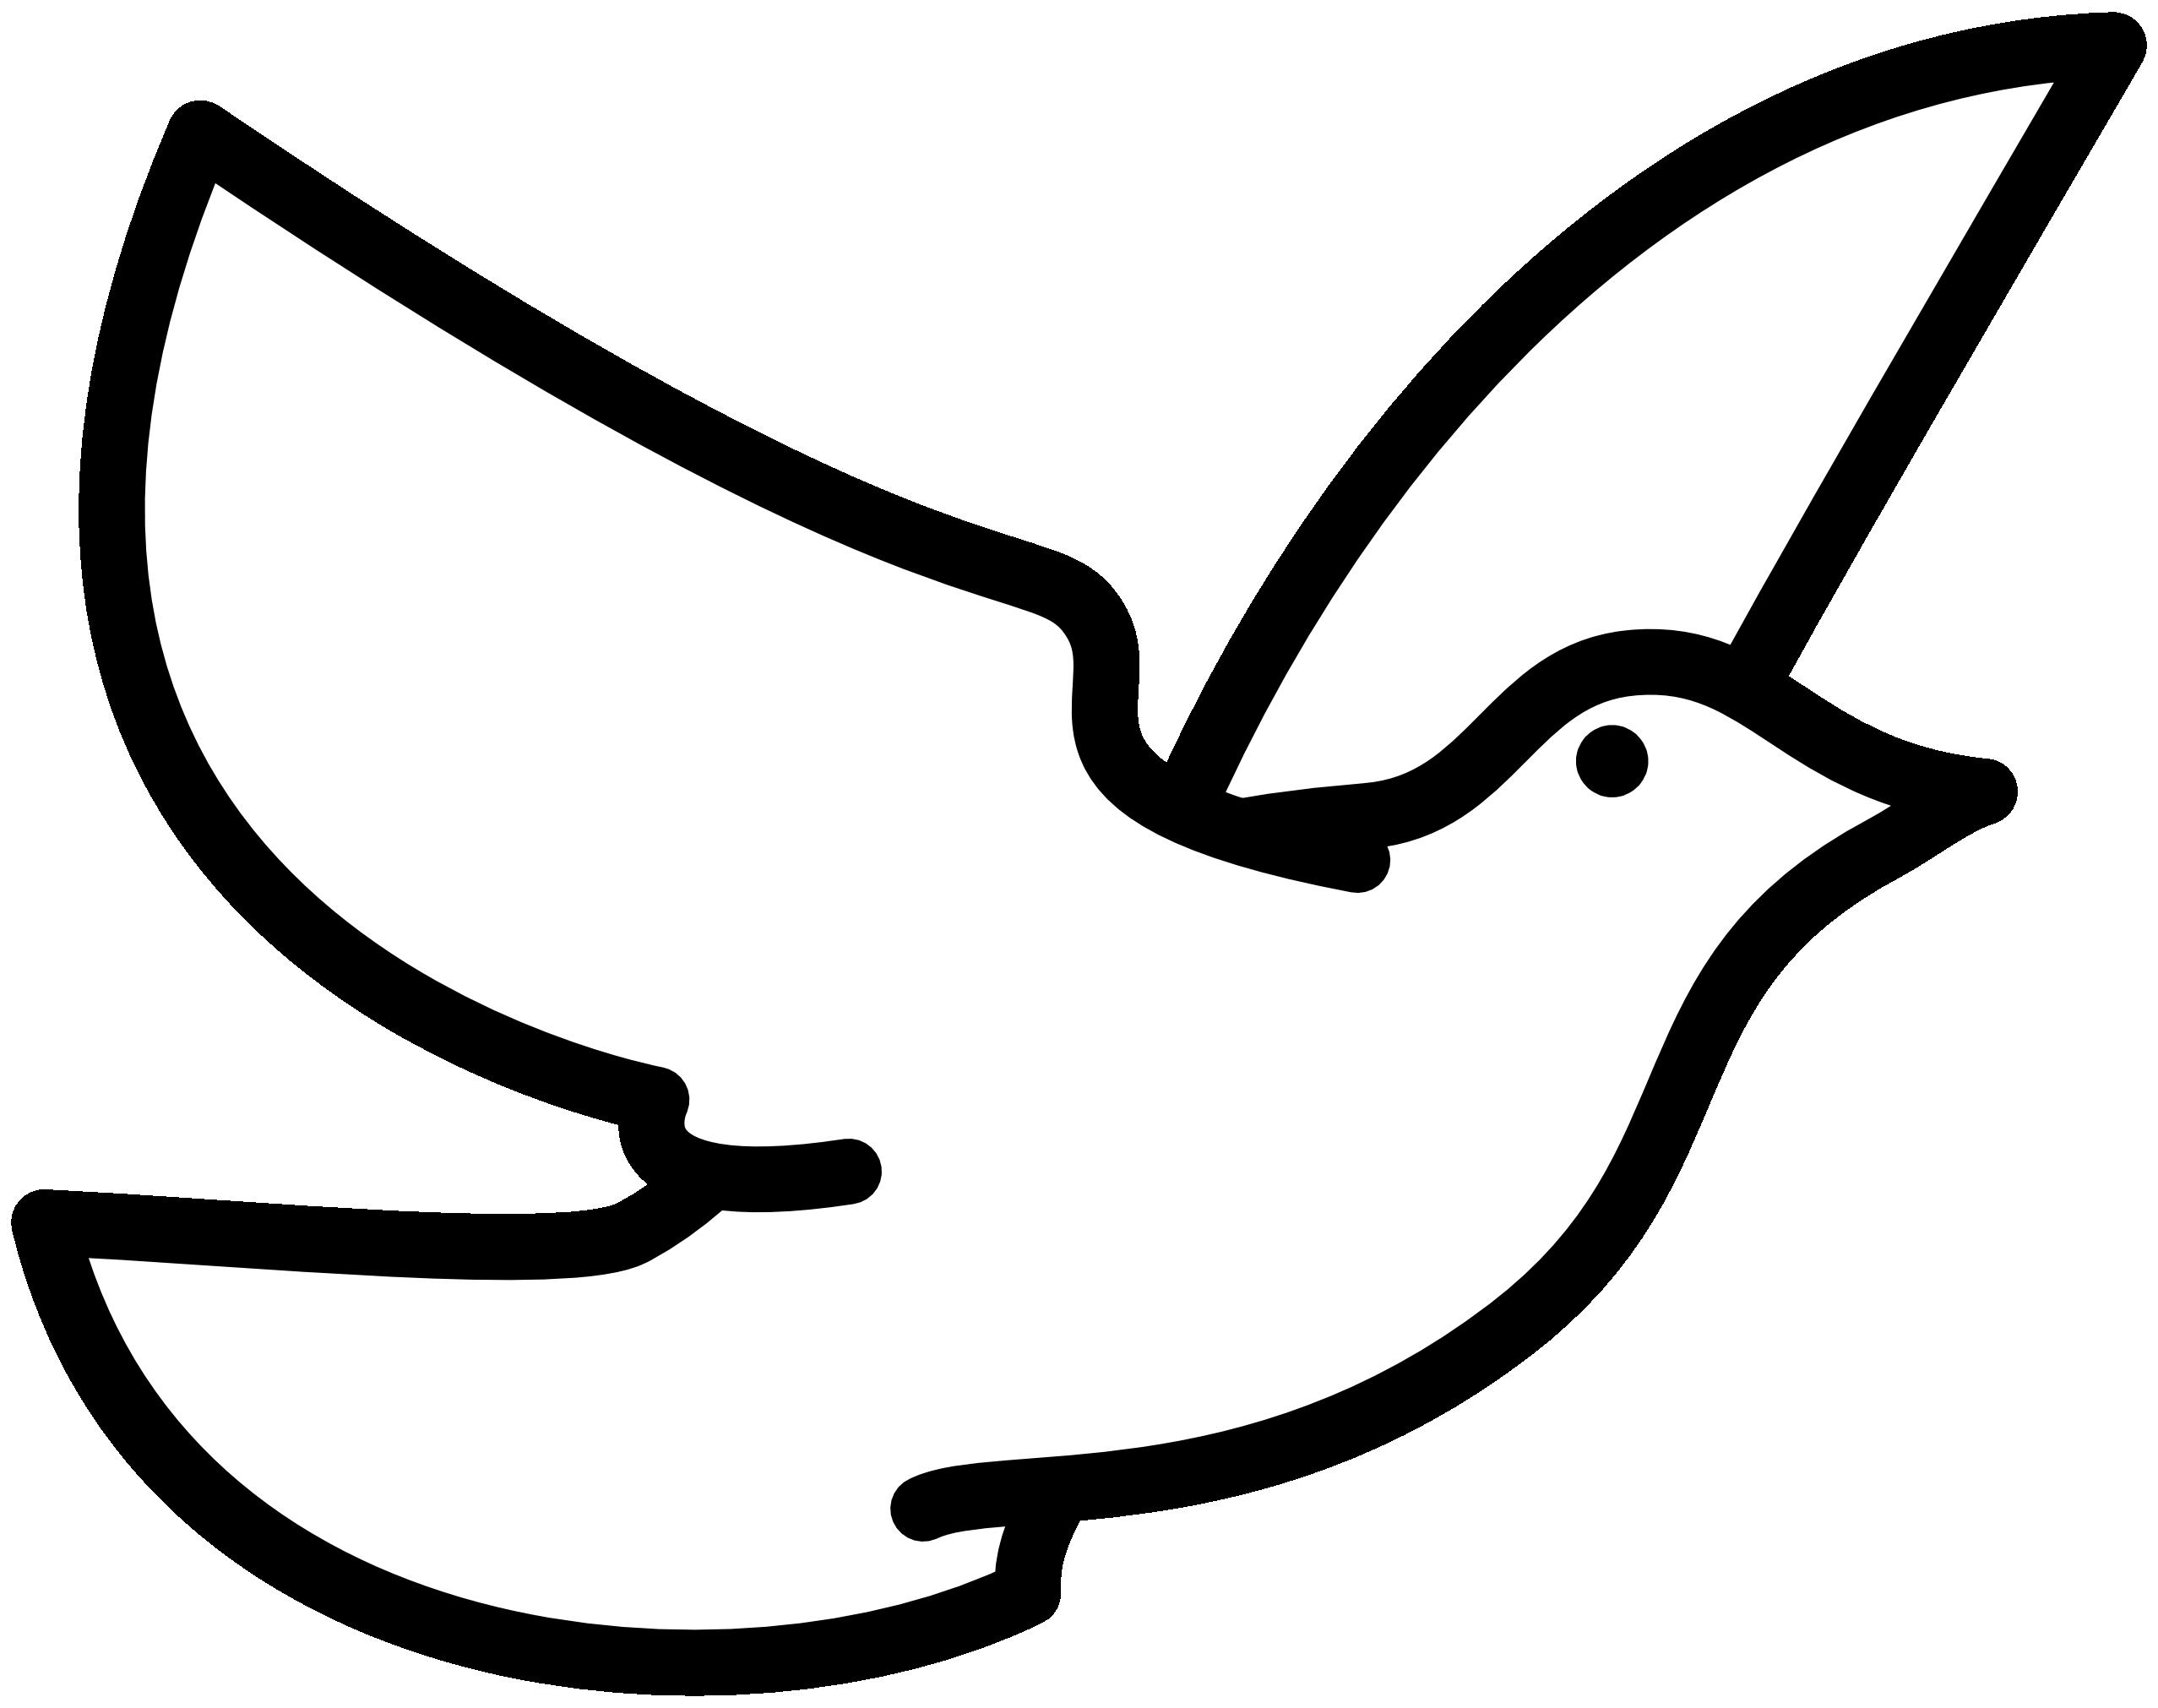 Black and white dove clipart.